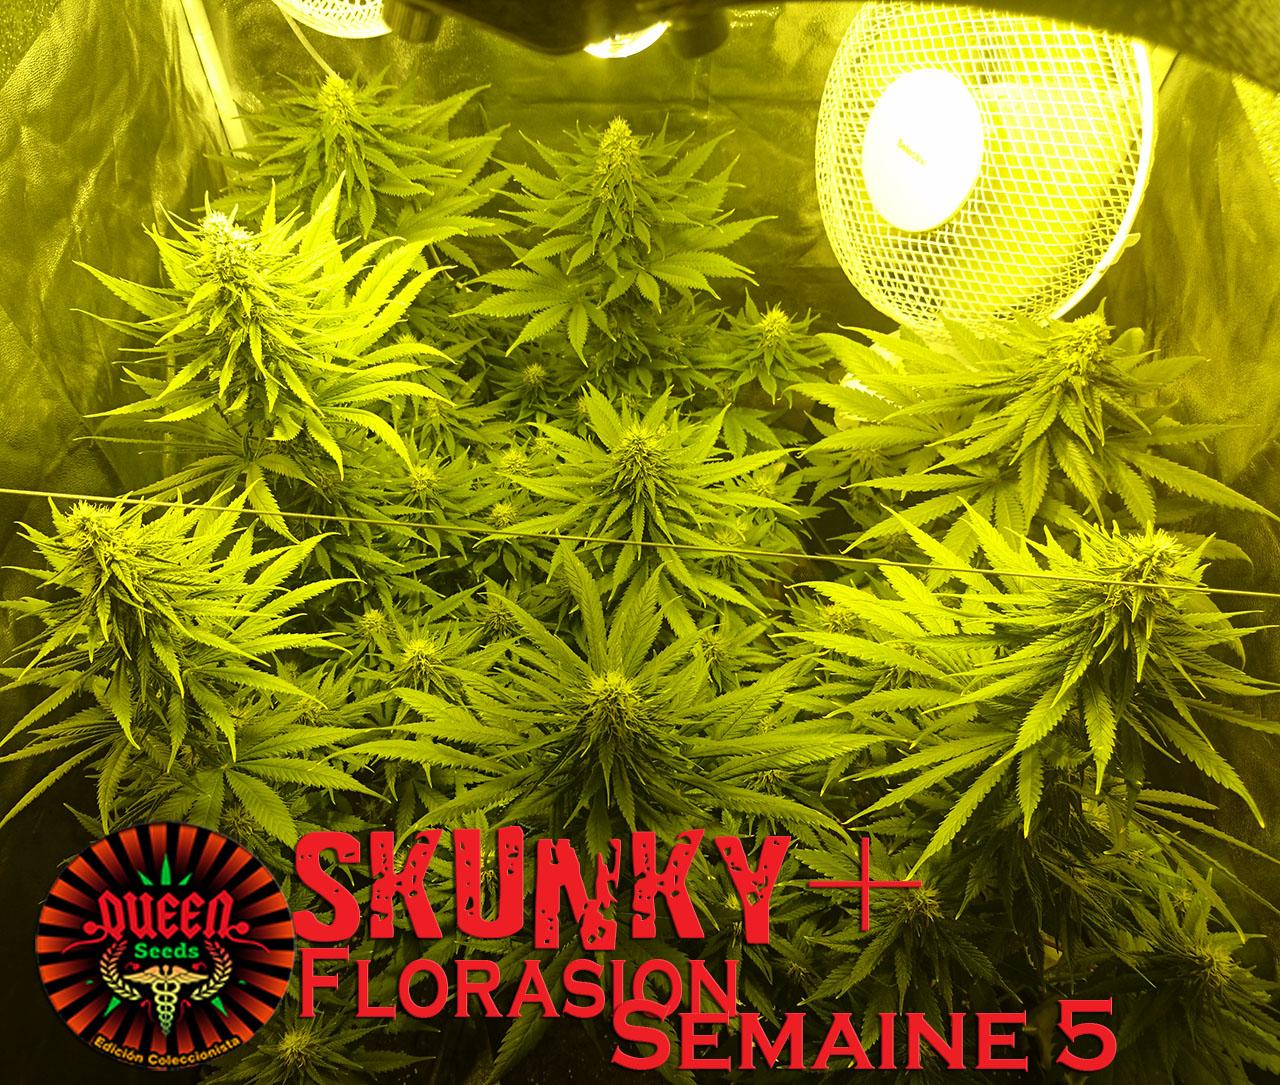 jour 40 flo skunky 2